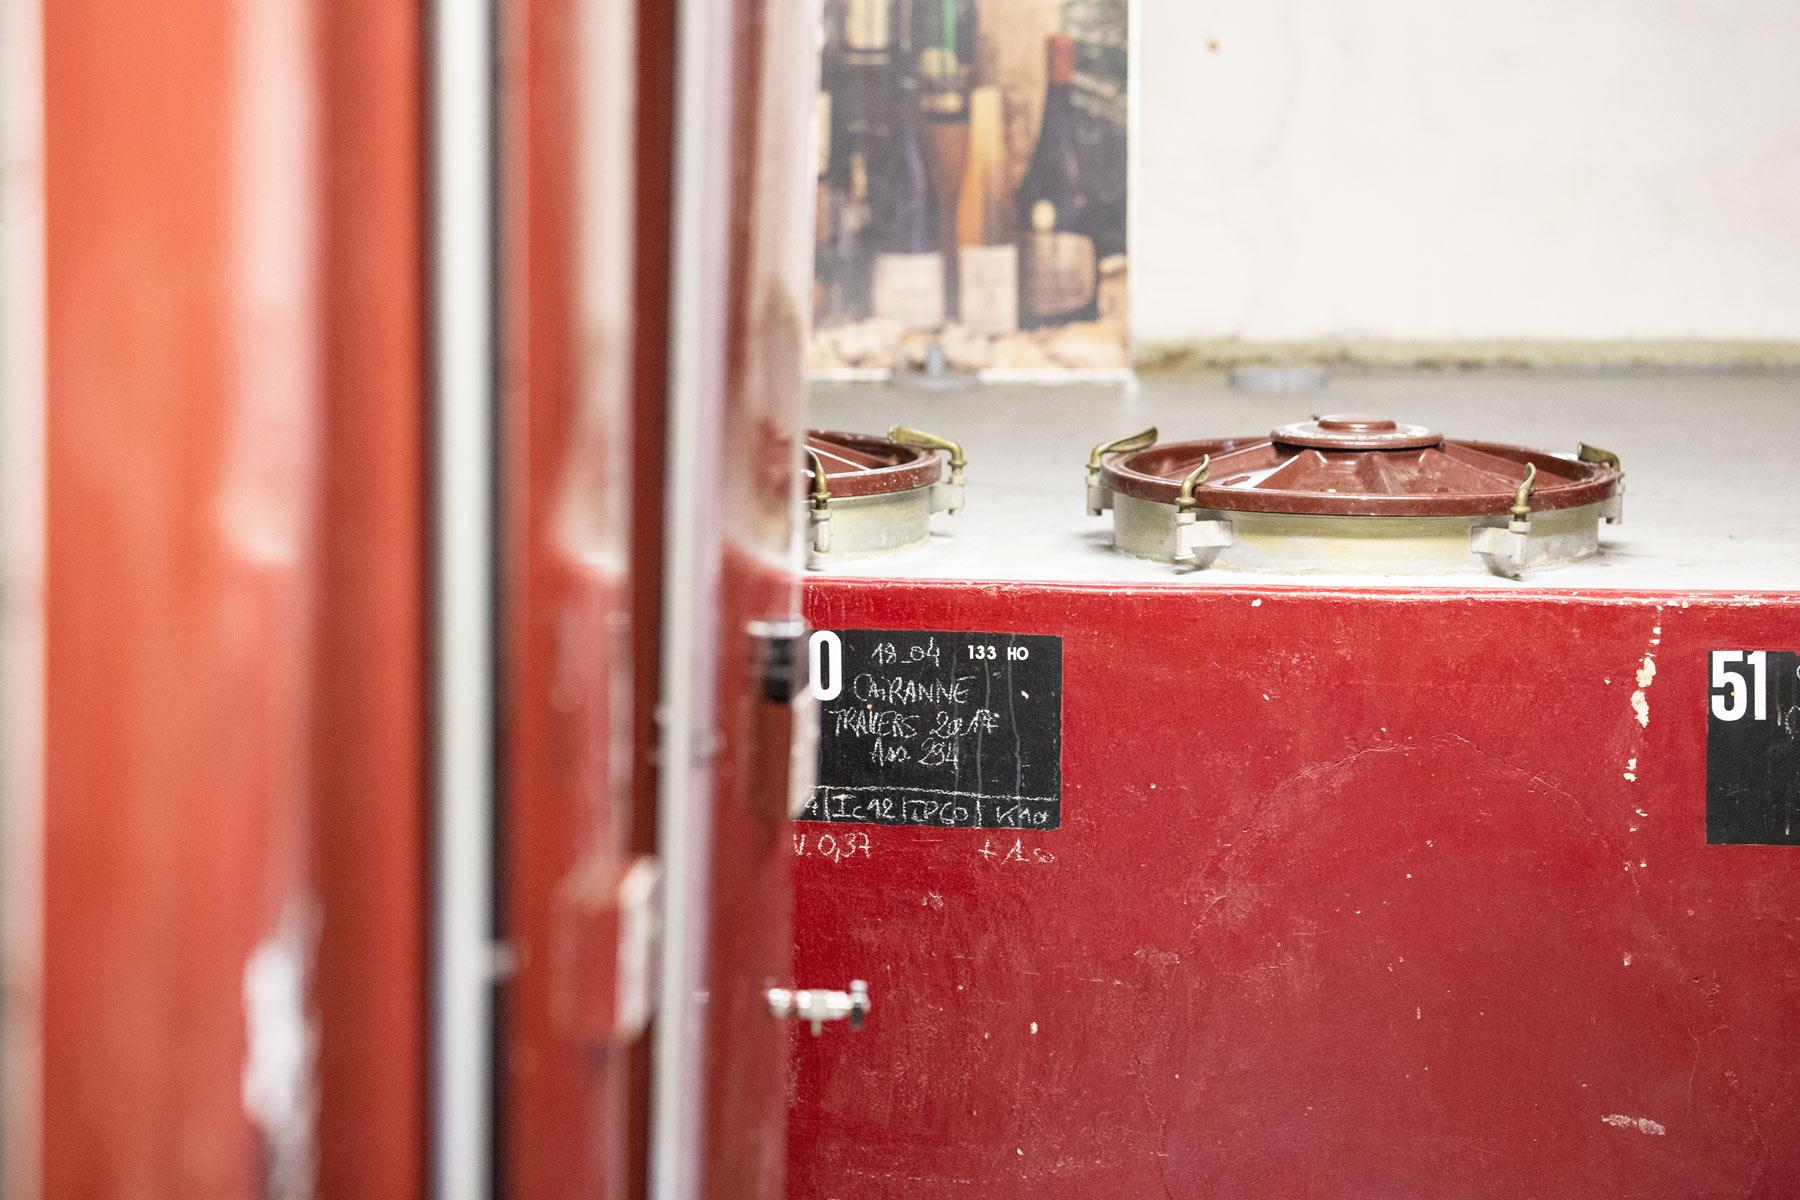 Der erste Weintank auf Brusset: vom Großvater in den 1950er Jahren im alten Teil des Kellers eingerichtet.